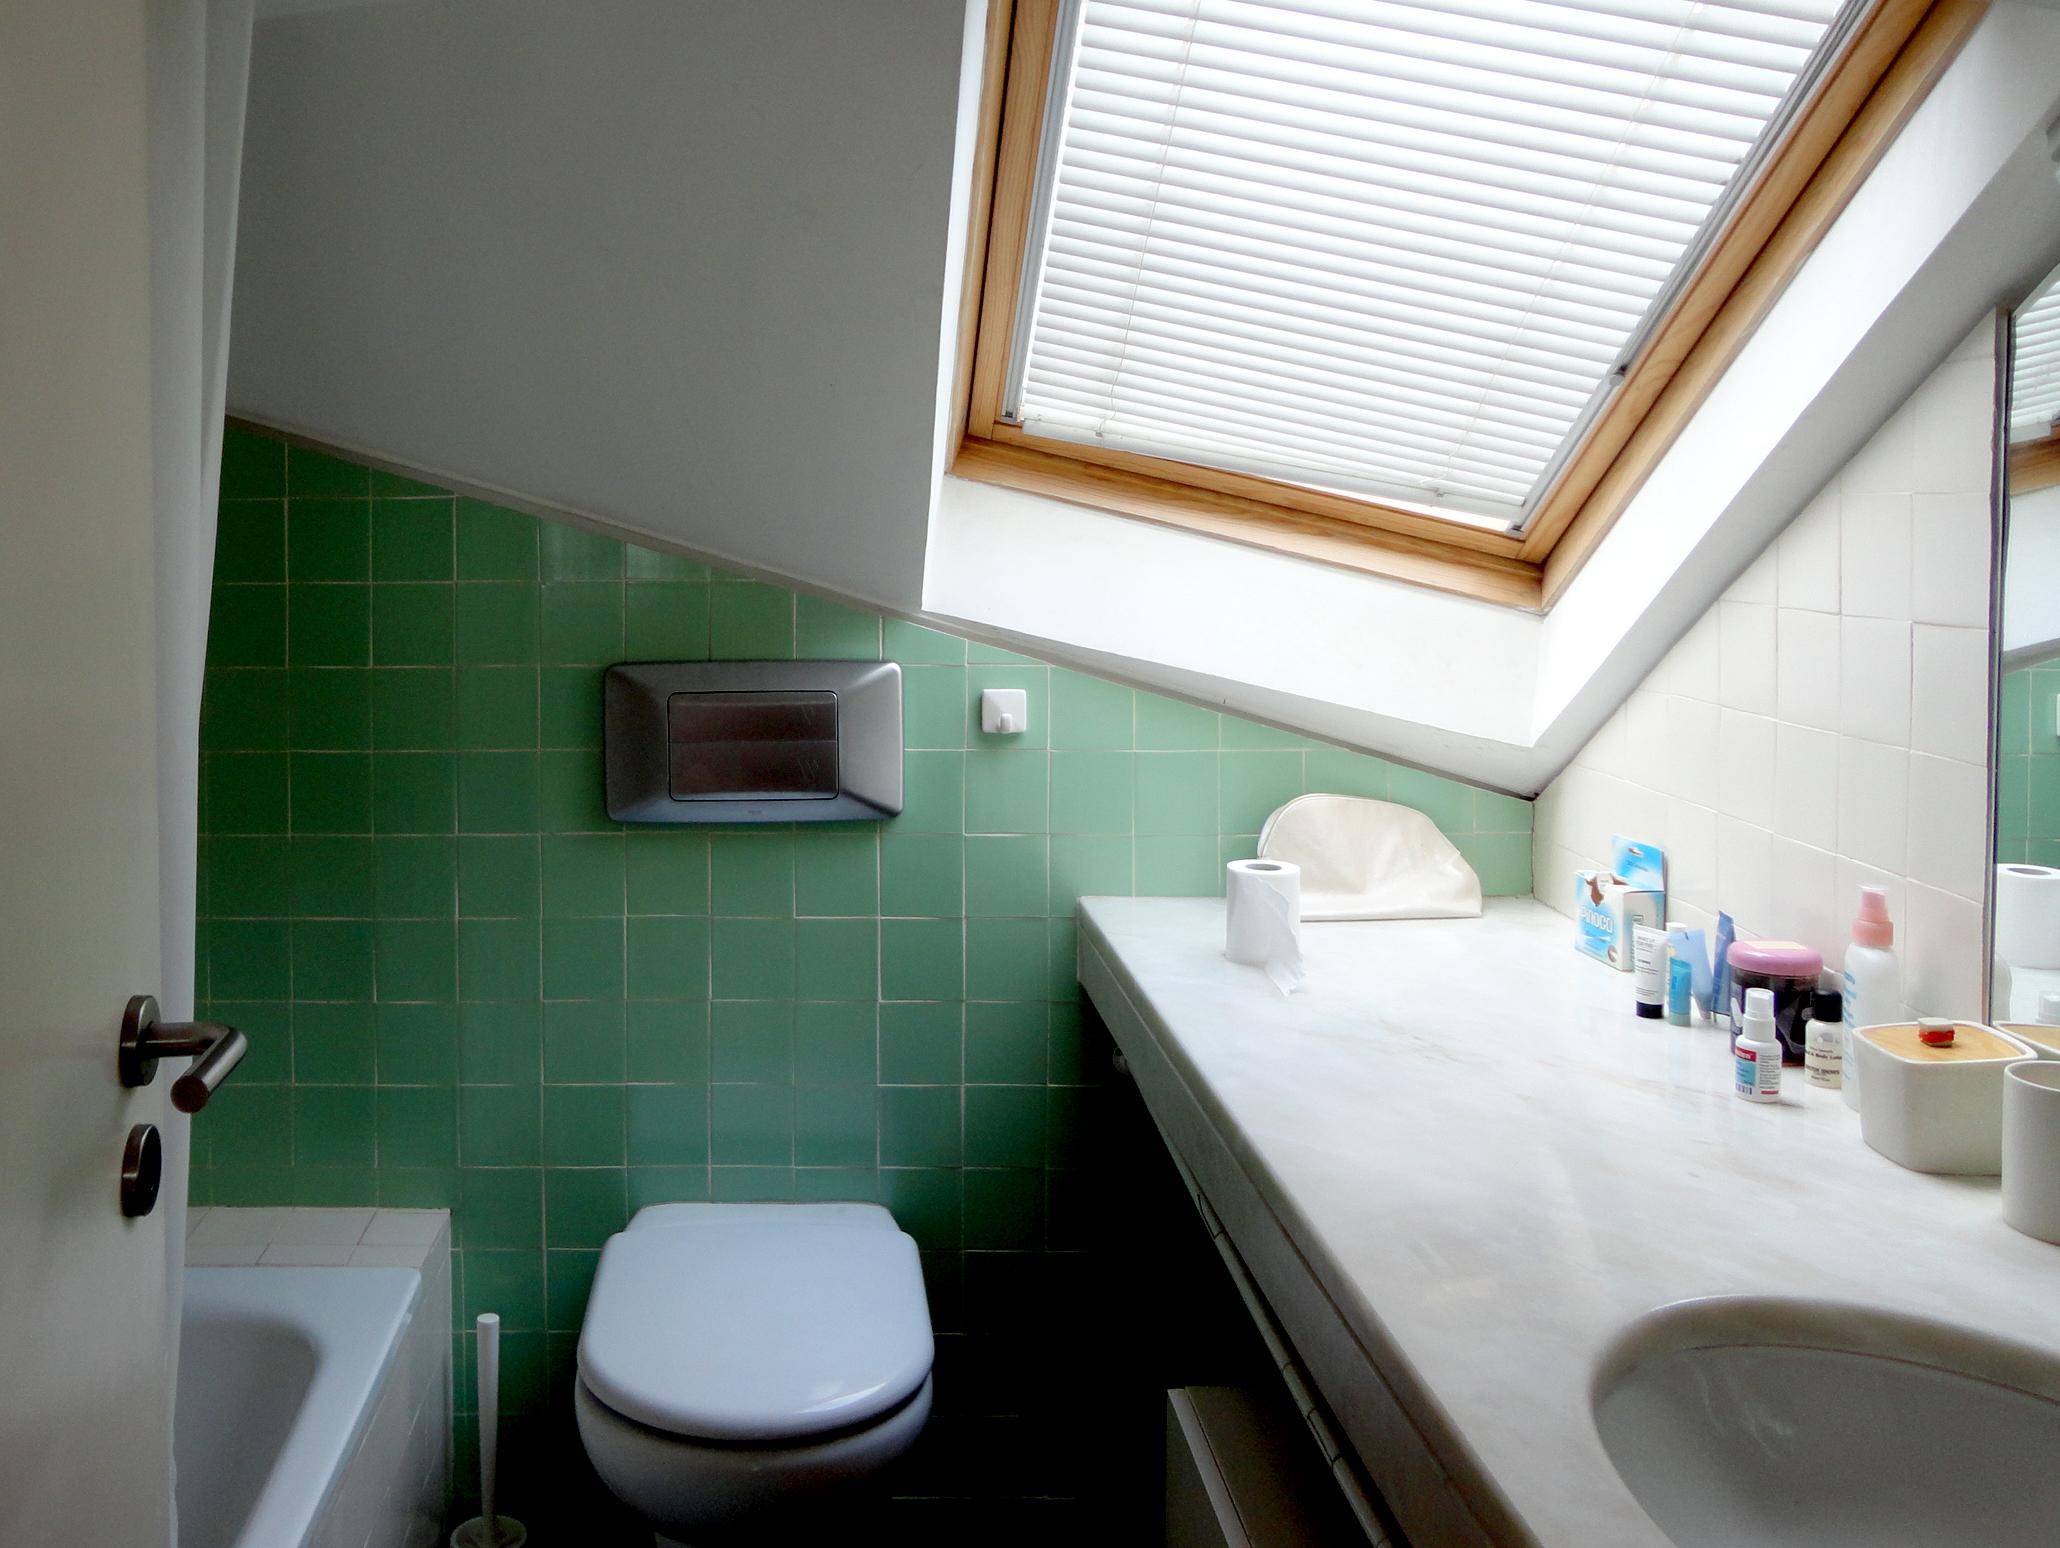 casa de banho das visitas que pernoitam.